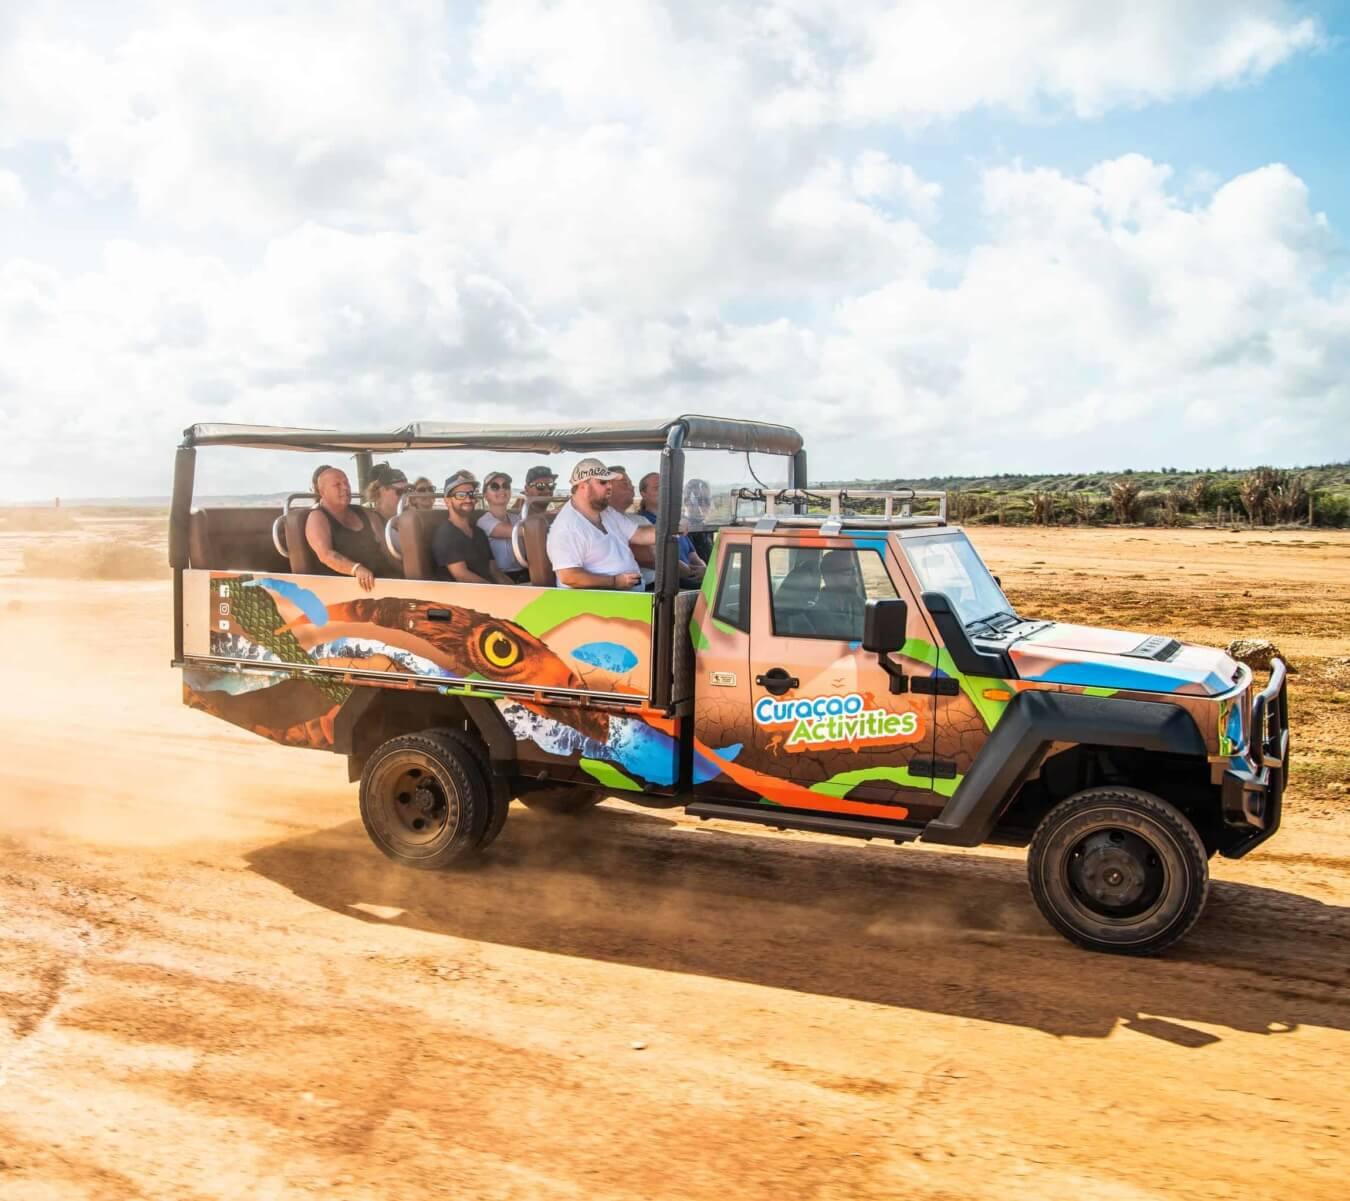 tourism internship in Curaçao